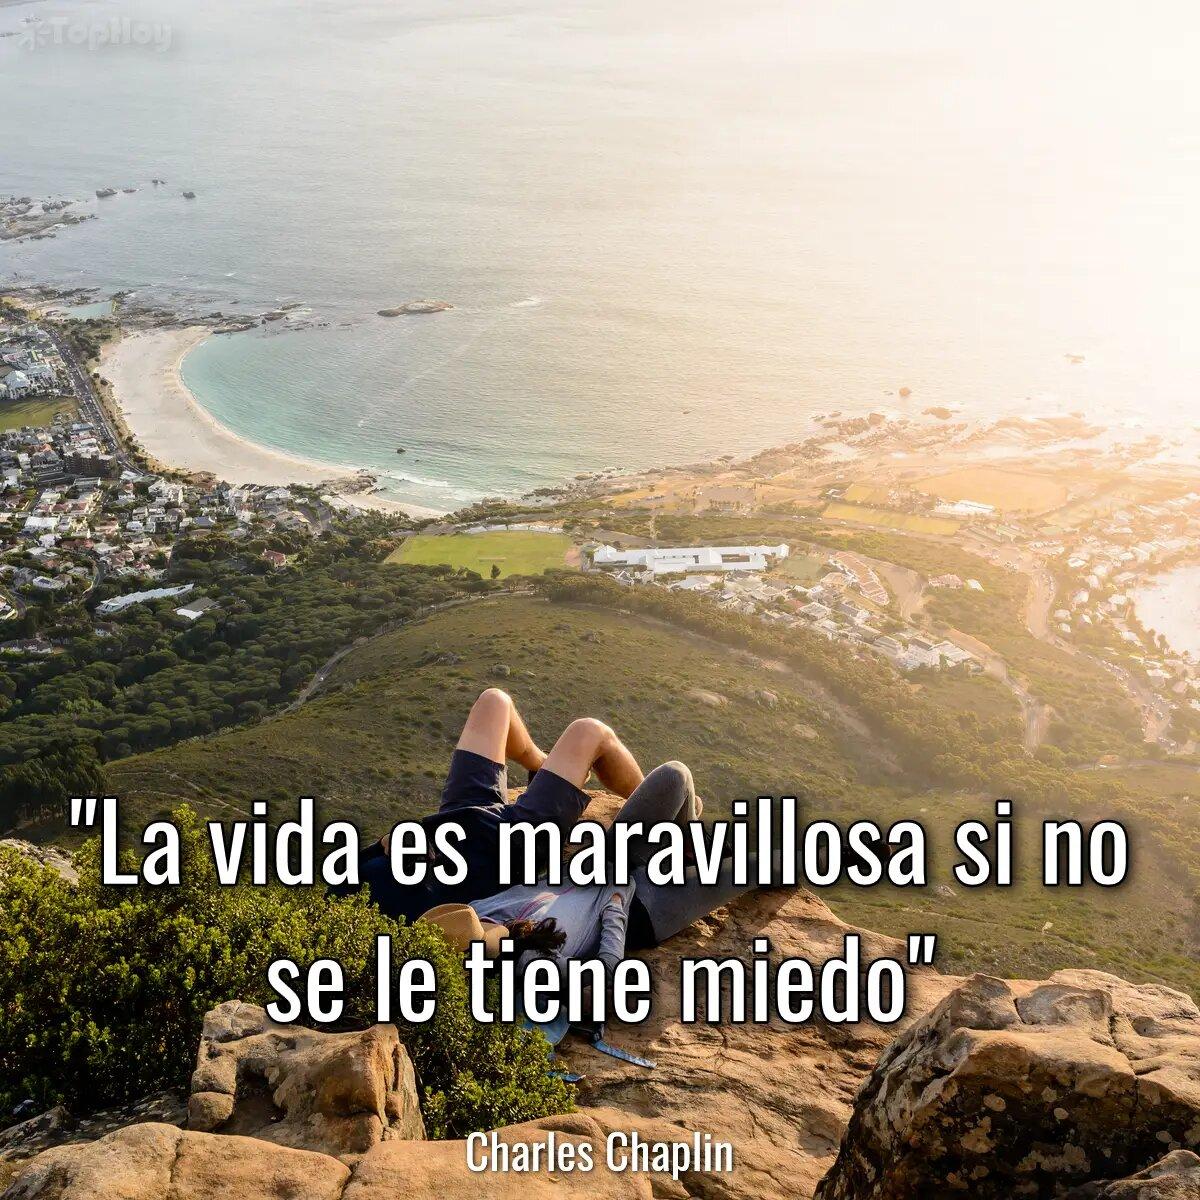 La vida es maravillosa si no se le tiene miedo.